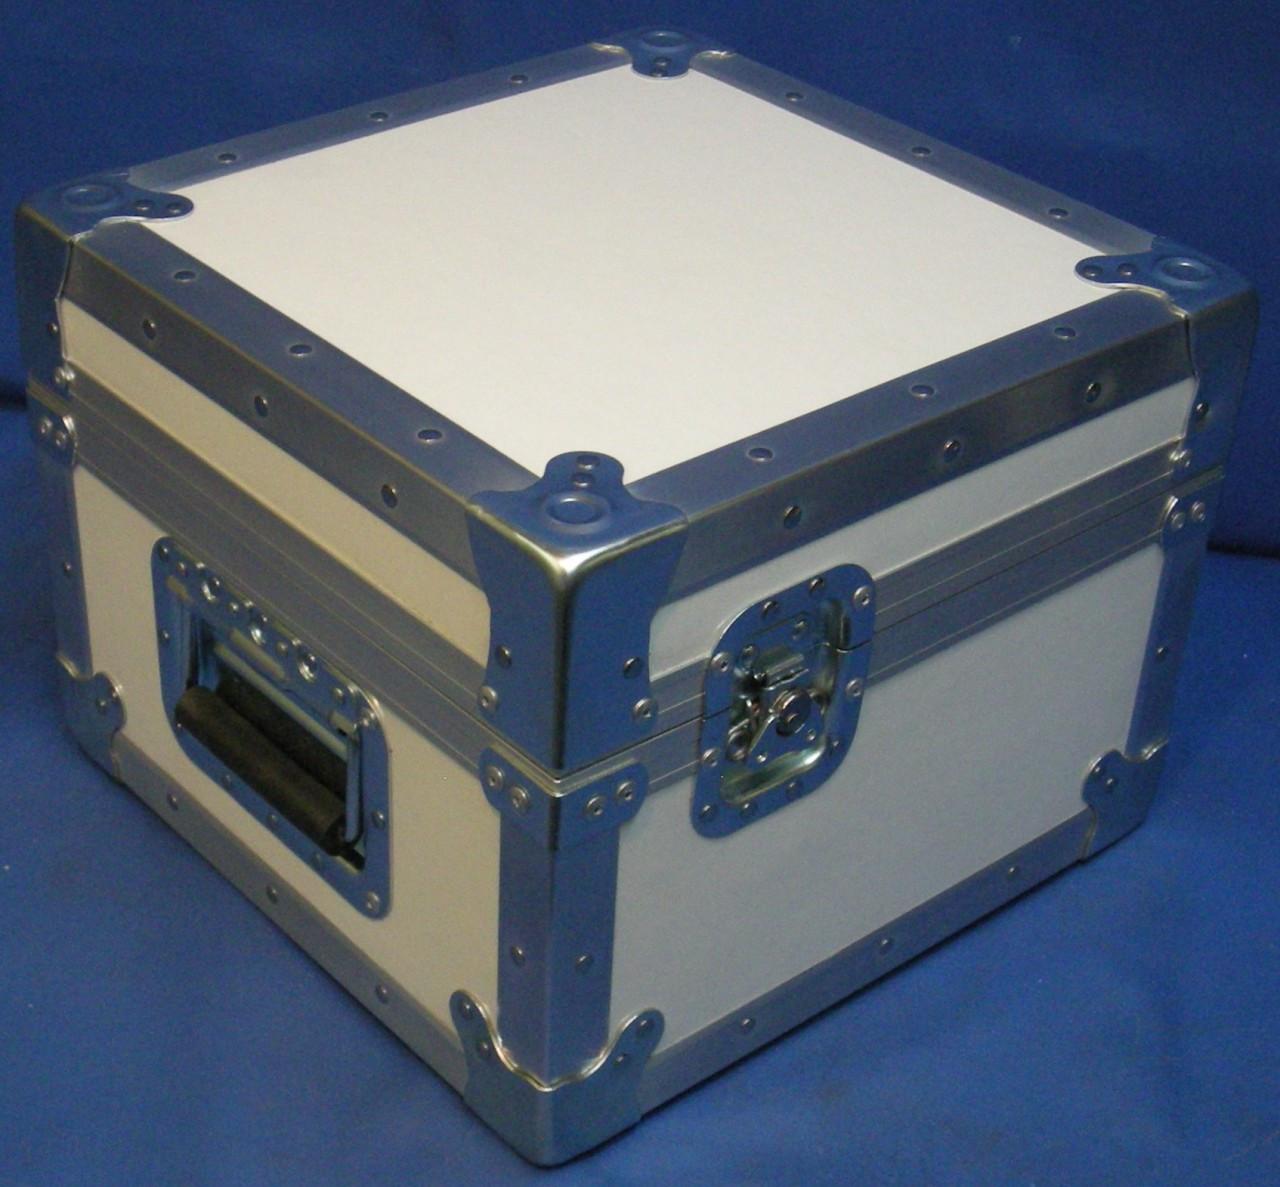 O'Connor 1030 B Head Custom ATA Shipping Case - Exterior View